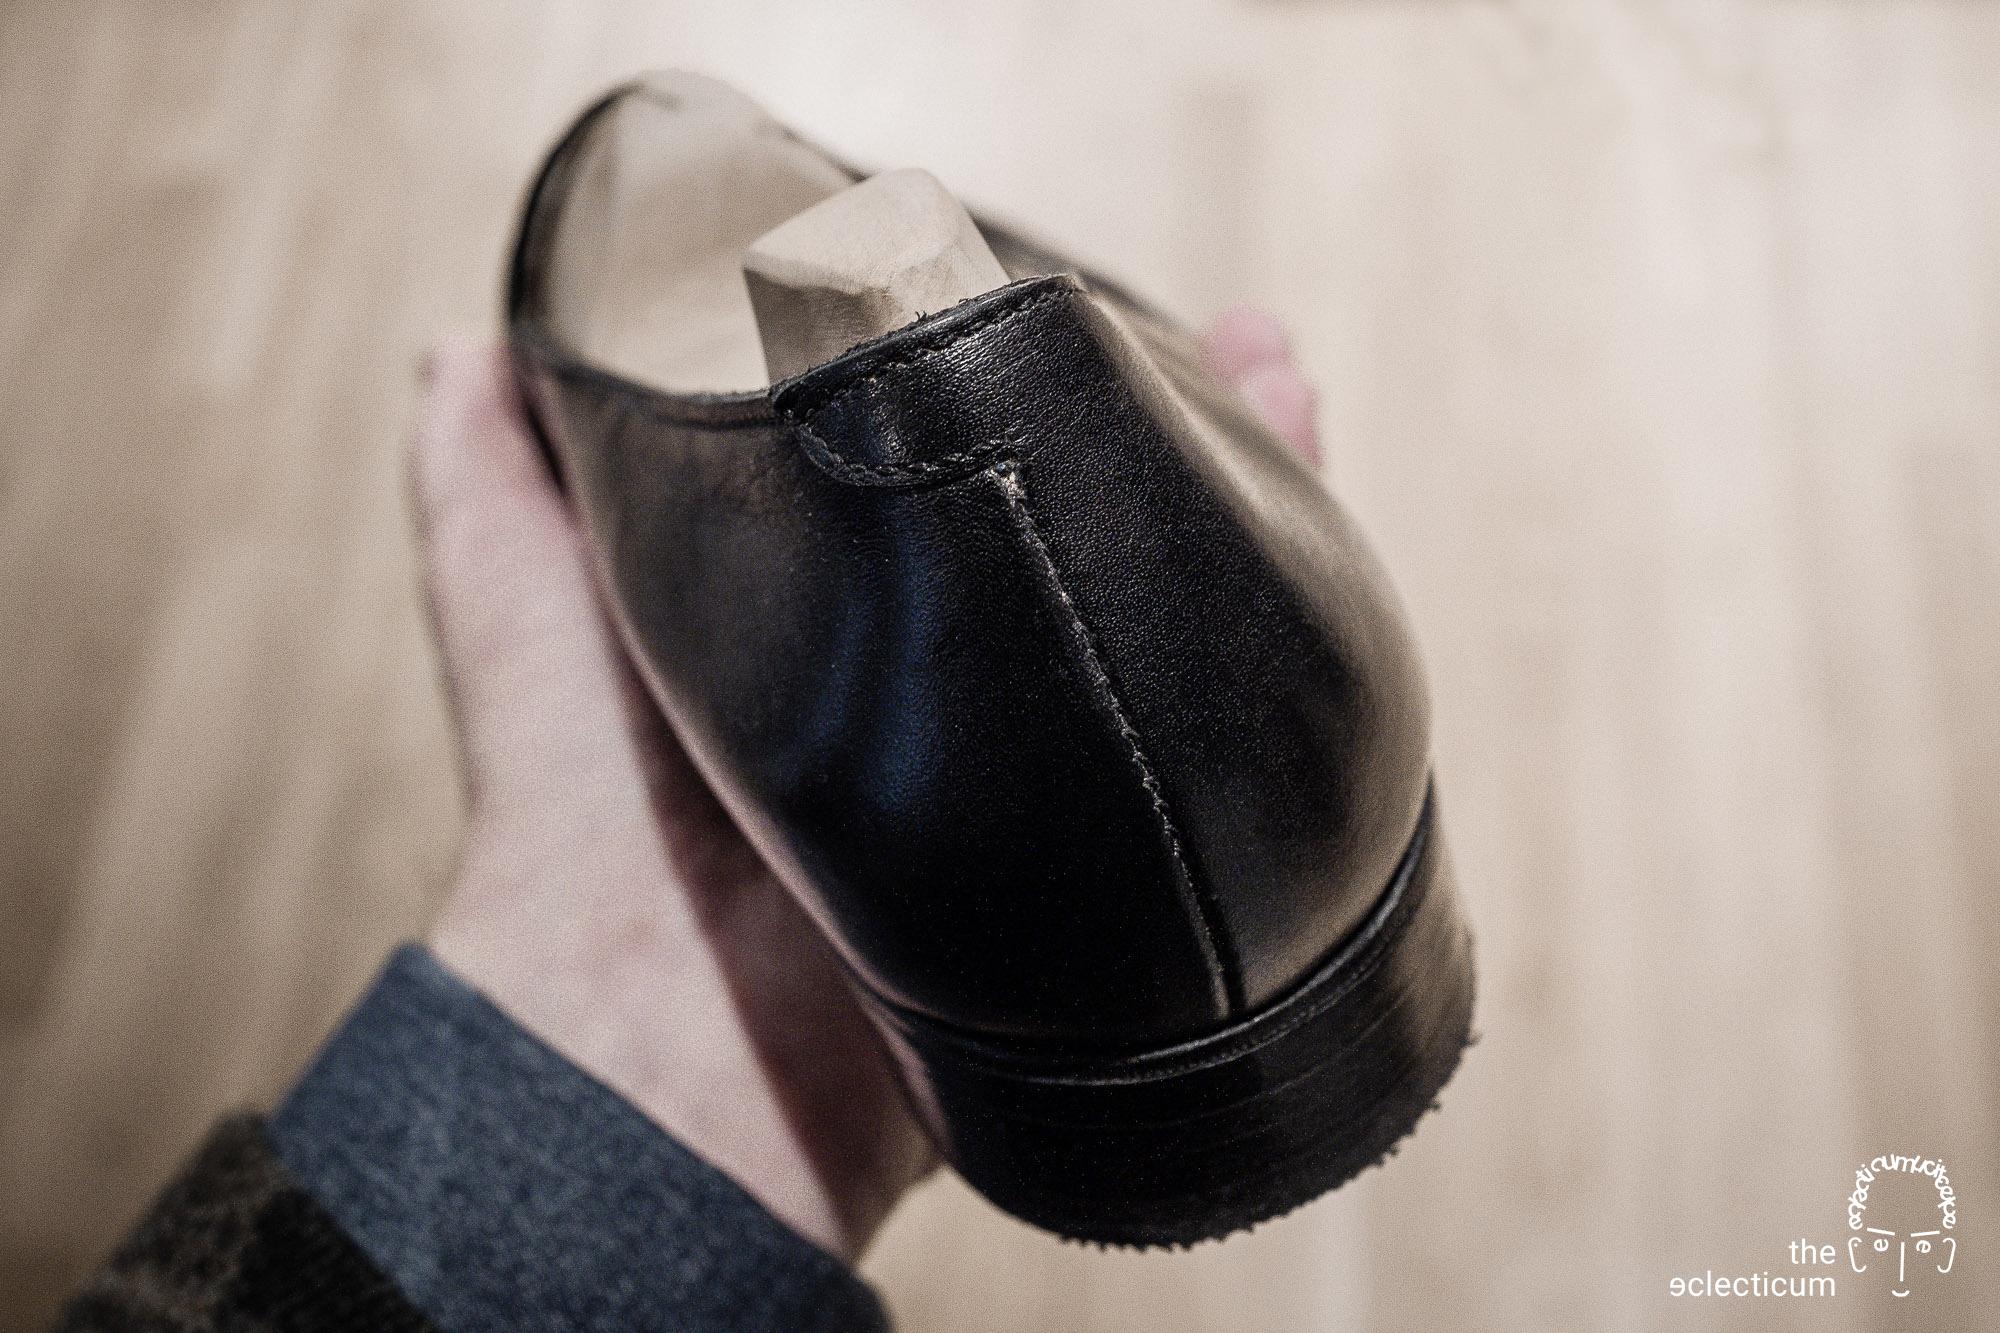 loafer Leonard Kahlcke shoes